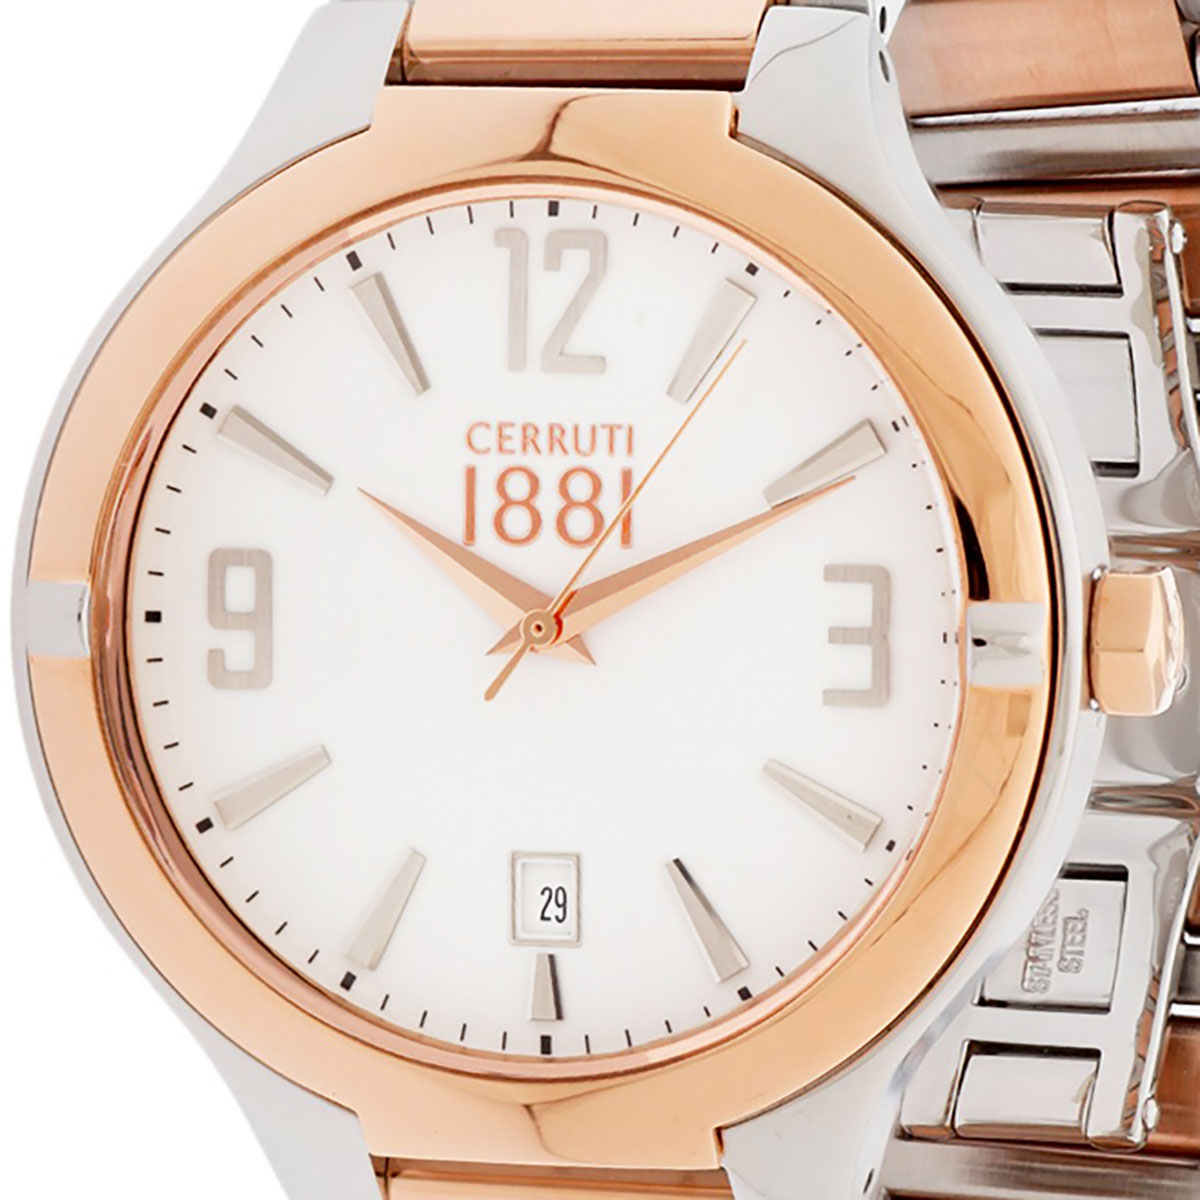 【残り1点】CERRUTI 1881 チェルッティ1881 電池式クォーツ 腕時計 [CRA106STR01MRT] 並行輸入品 ホワイト(白)